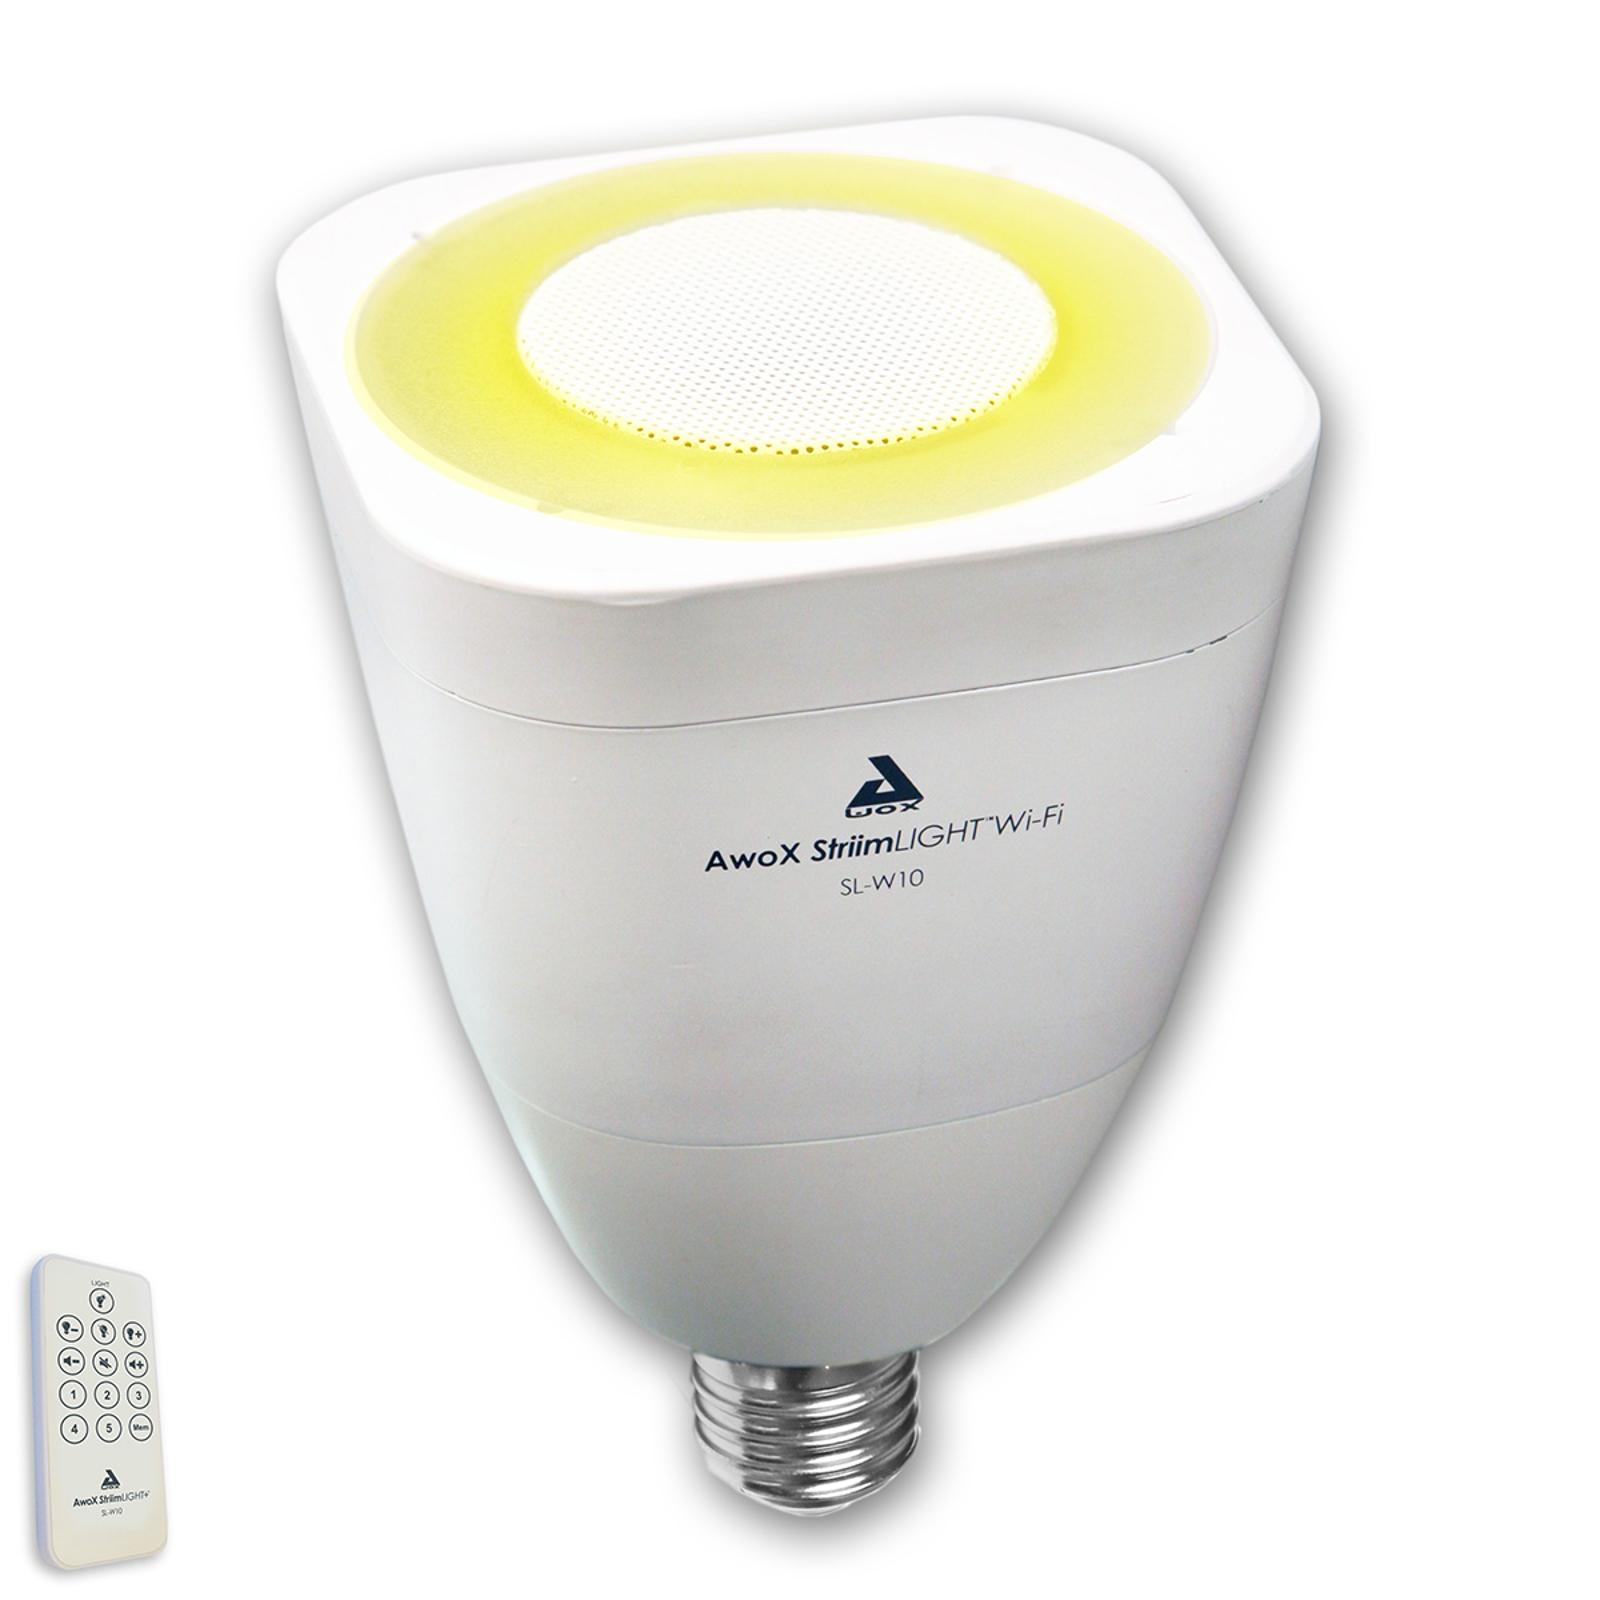 AwoX StriimLIGHT WiFi-White LED lampadina E27, 7 W